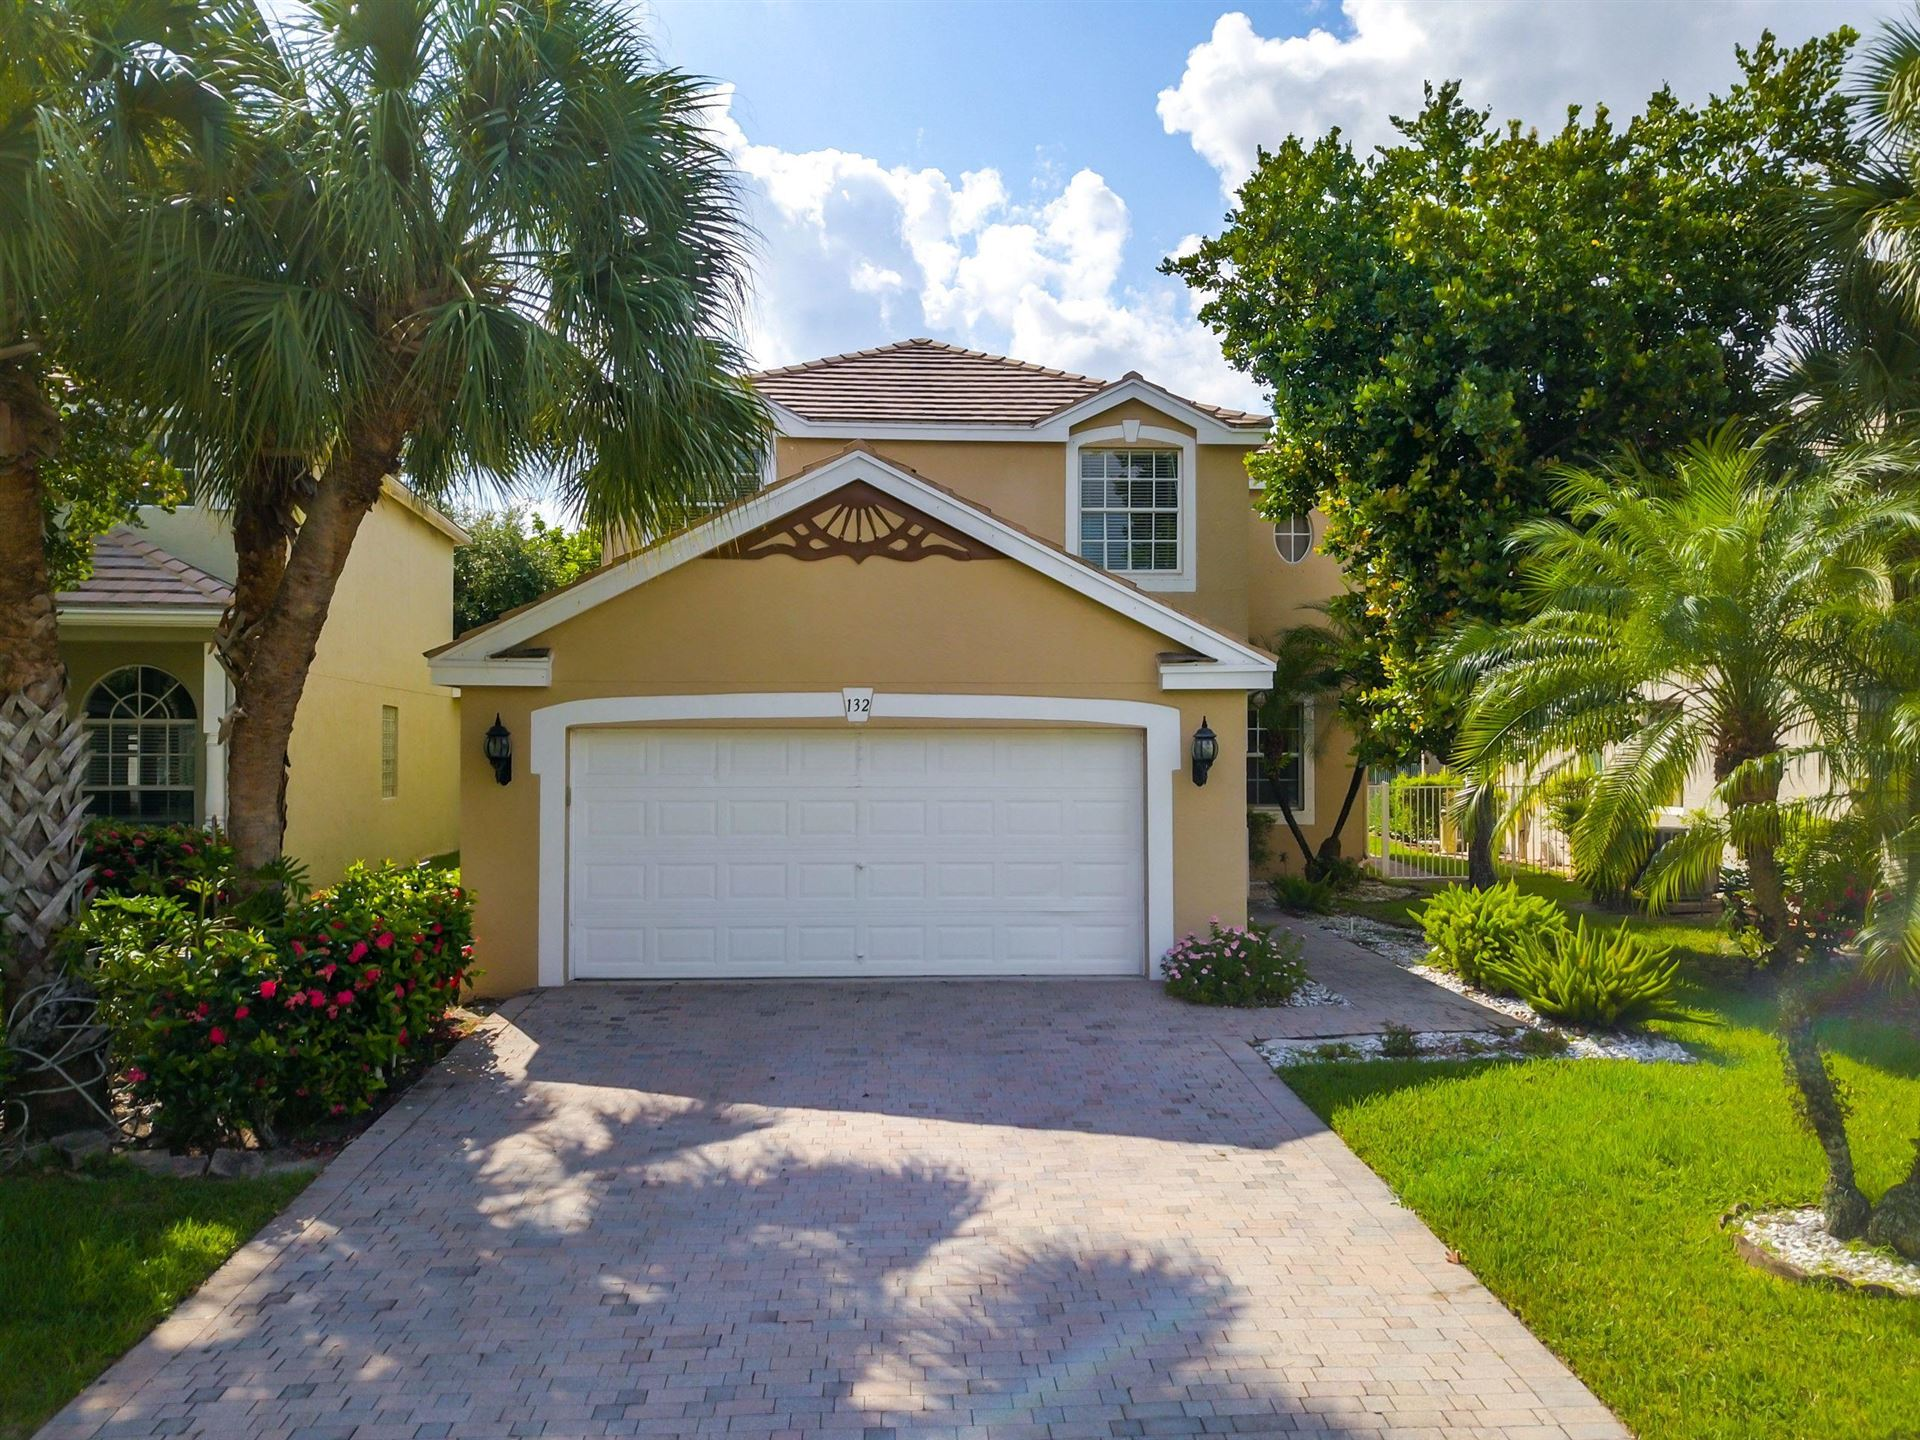 132 Lancaster Way, Royal Palm Beach, FL 33414 - #: RX-10638197